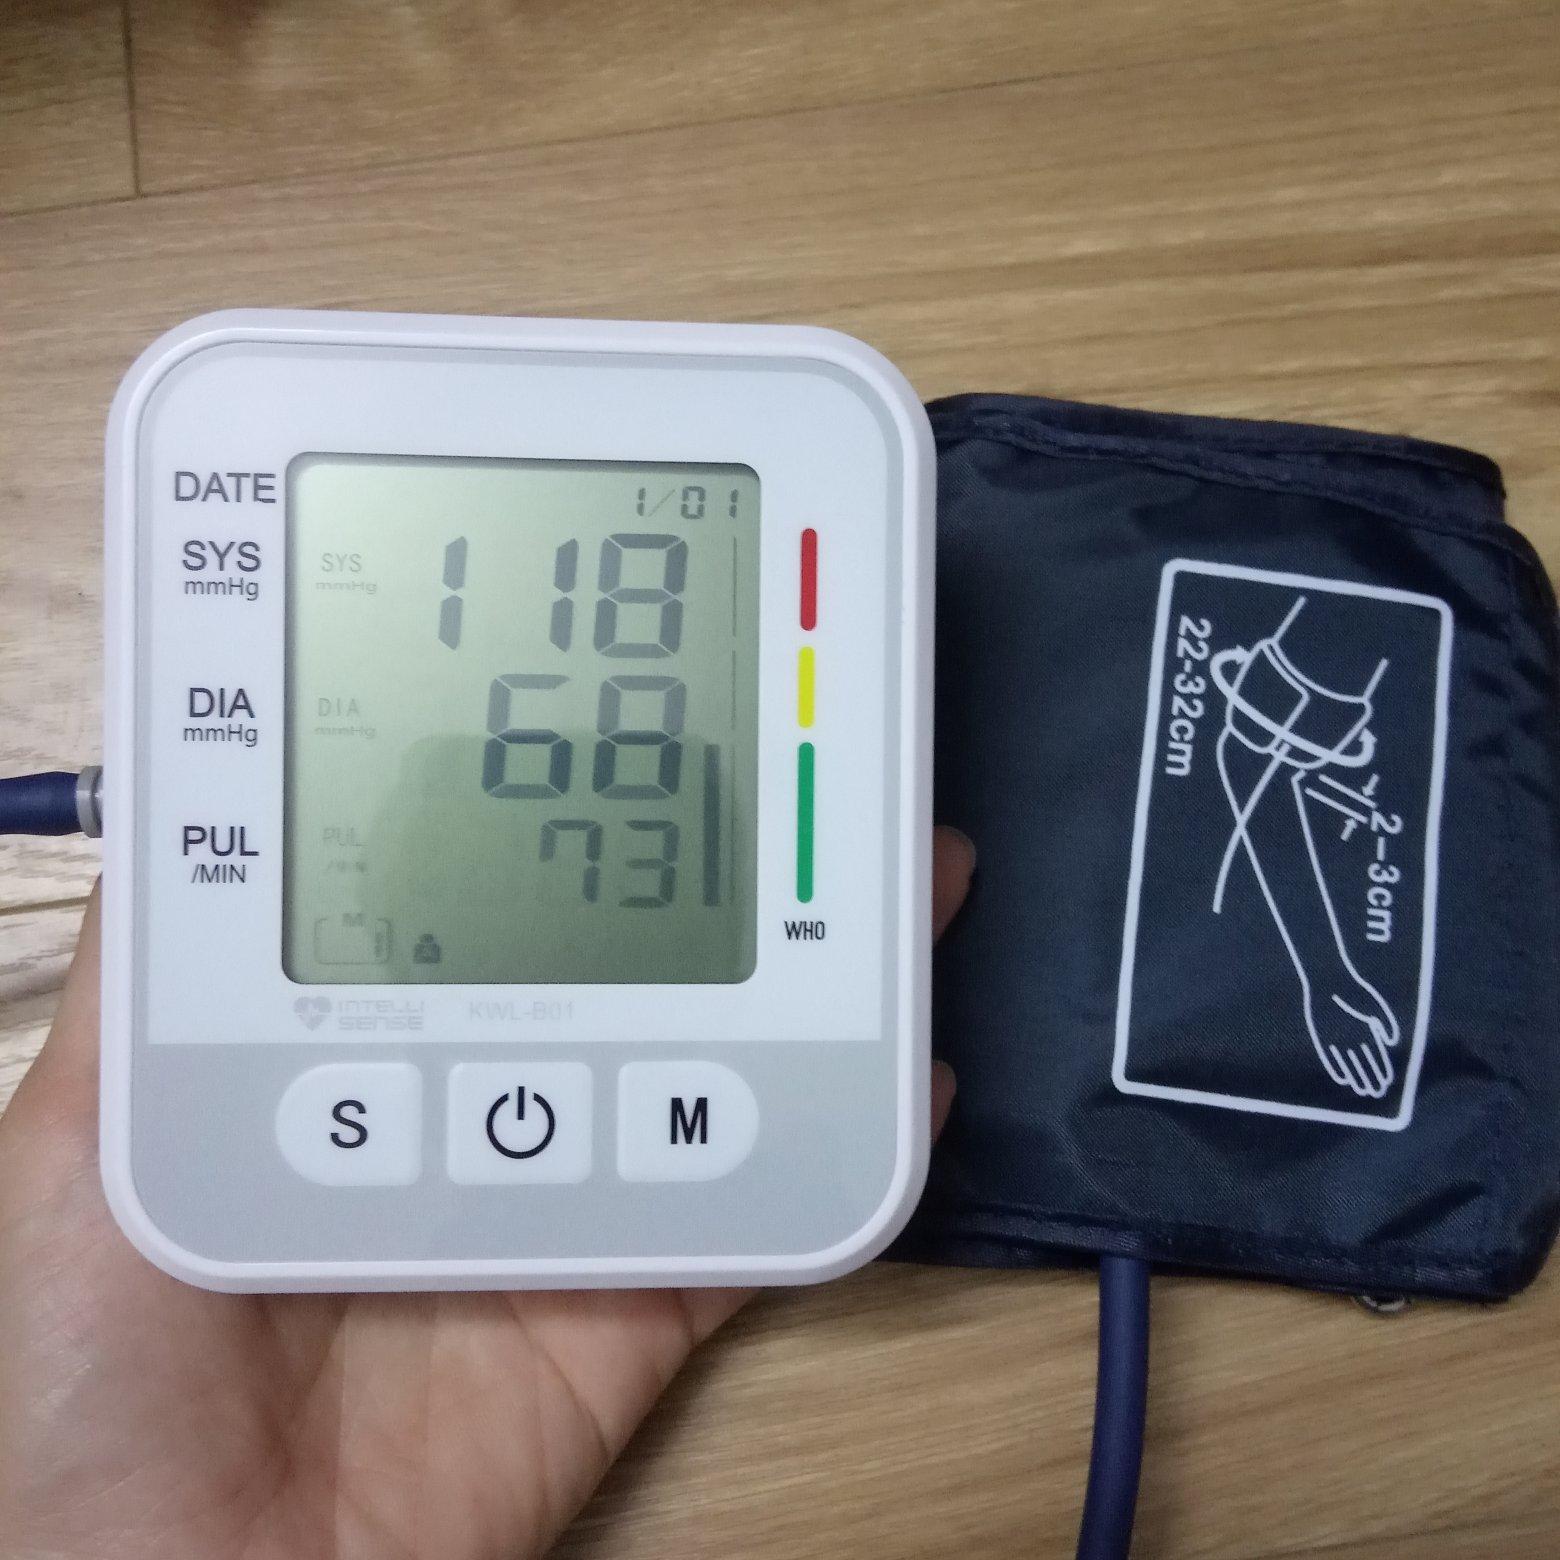 Máy đo huyết áp bắp tay Electronic Intellisense công nghệ Nhật Bản - Phát hiện rối loạn nhịp tim bán chạy